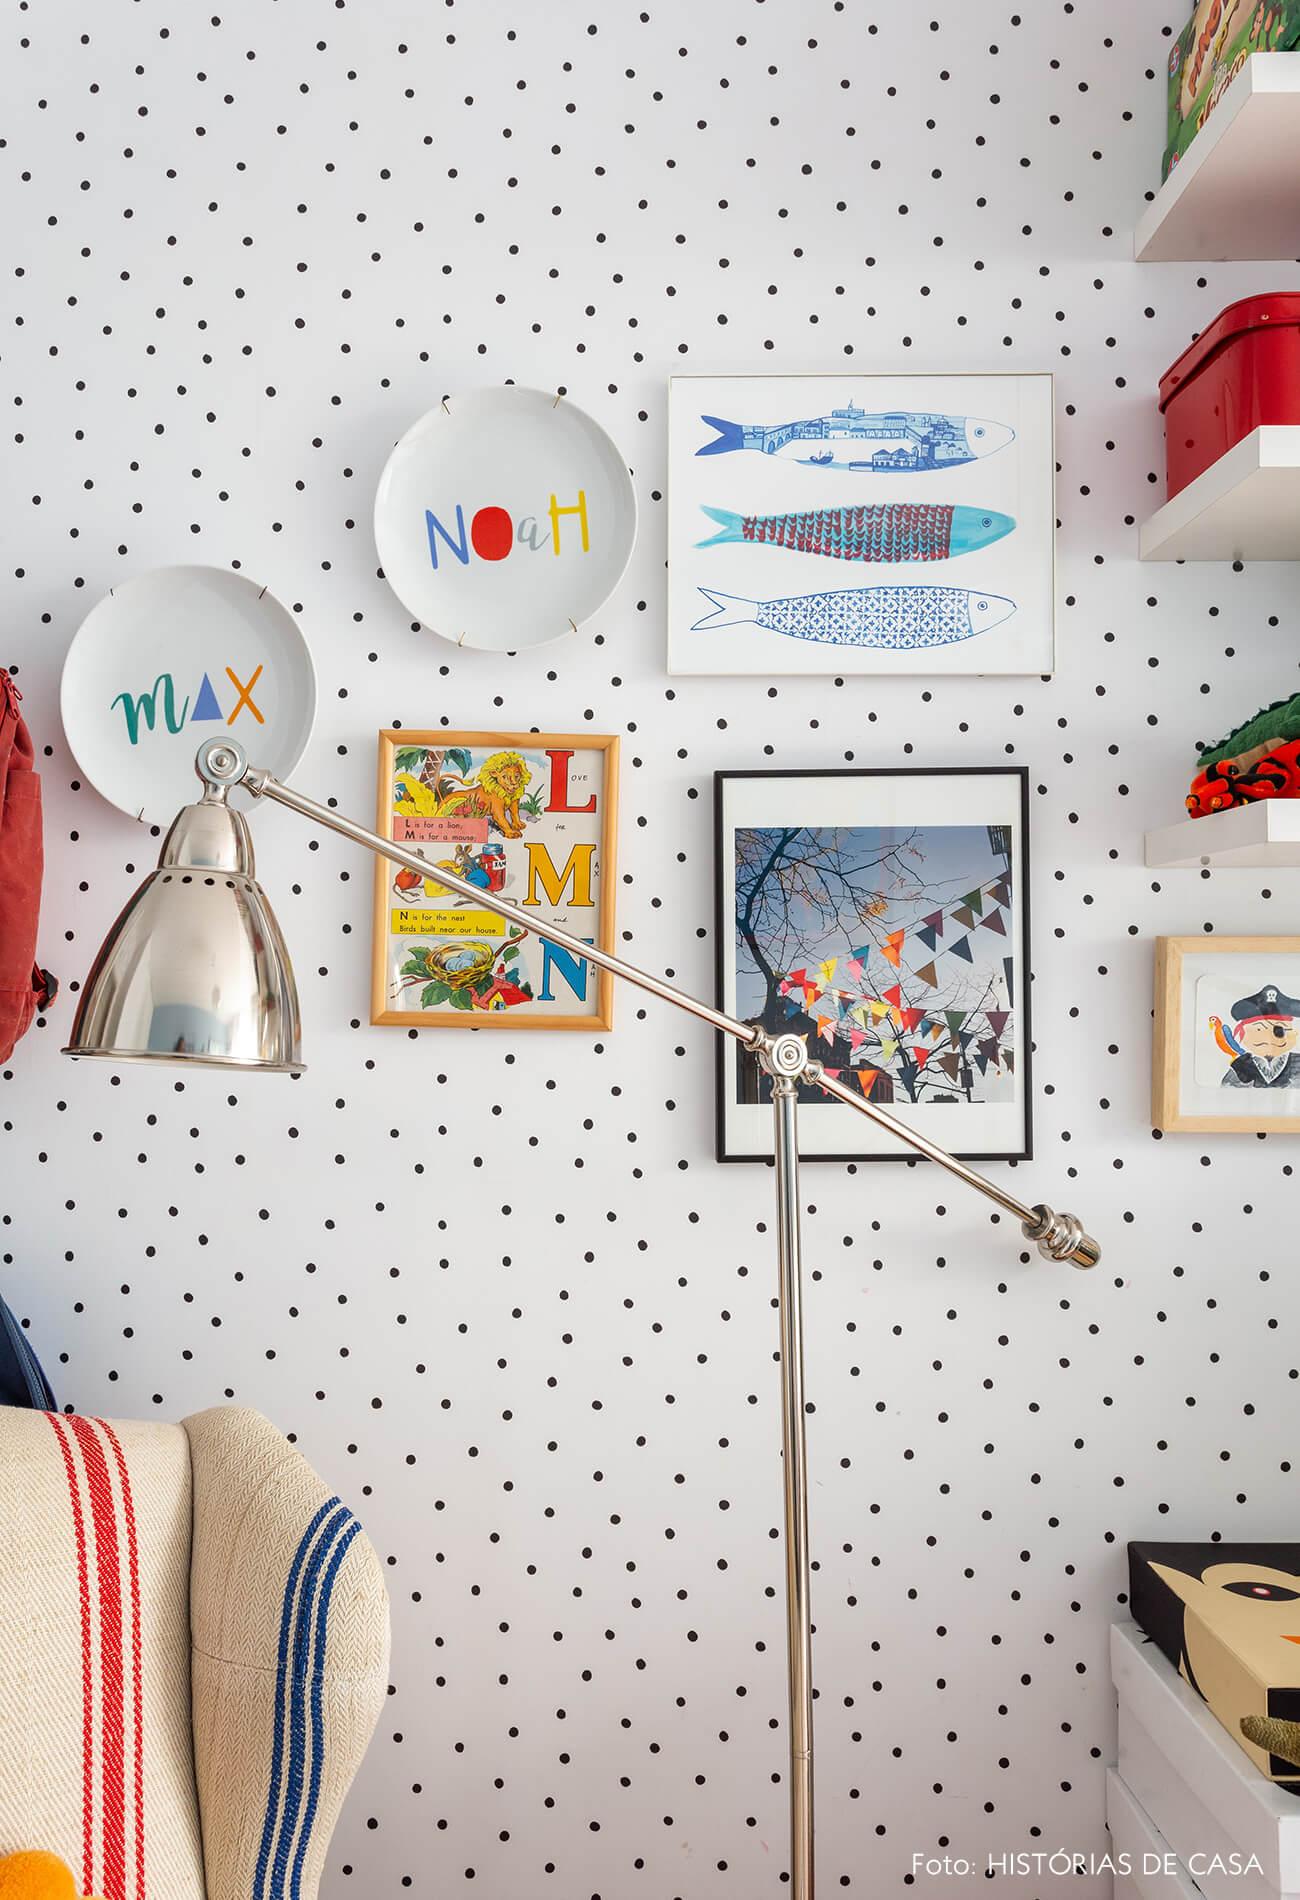 Papel de parede preto e branco em quarto infantil